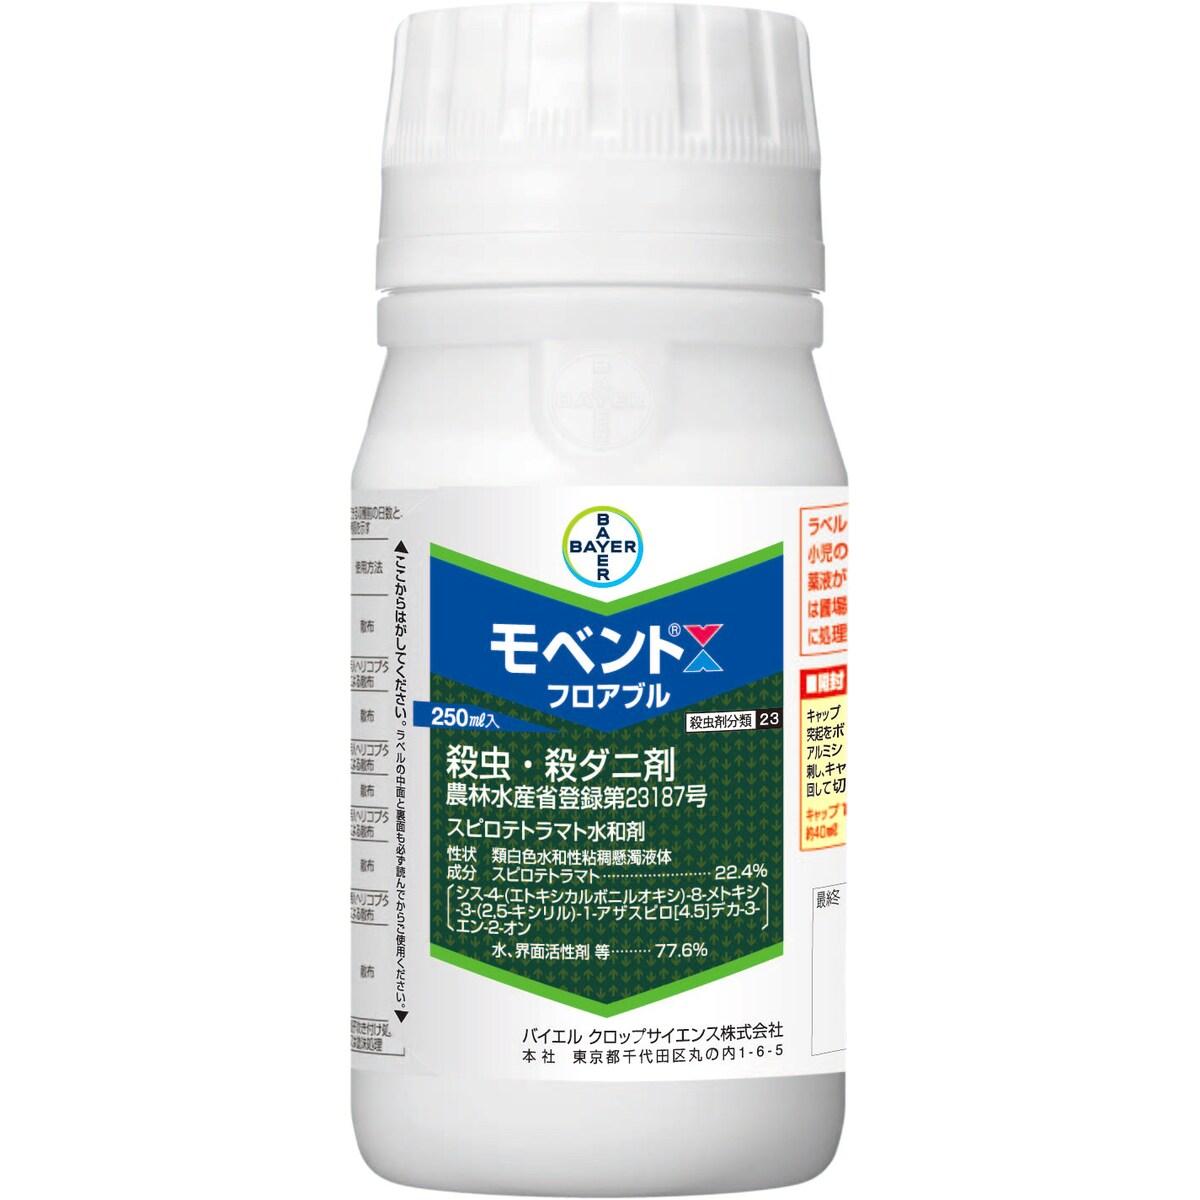 モベントフロアブル ☆正規品新品未使用品 優先配送 250ml